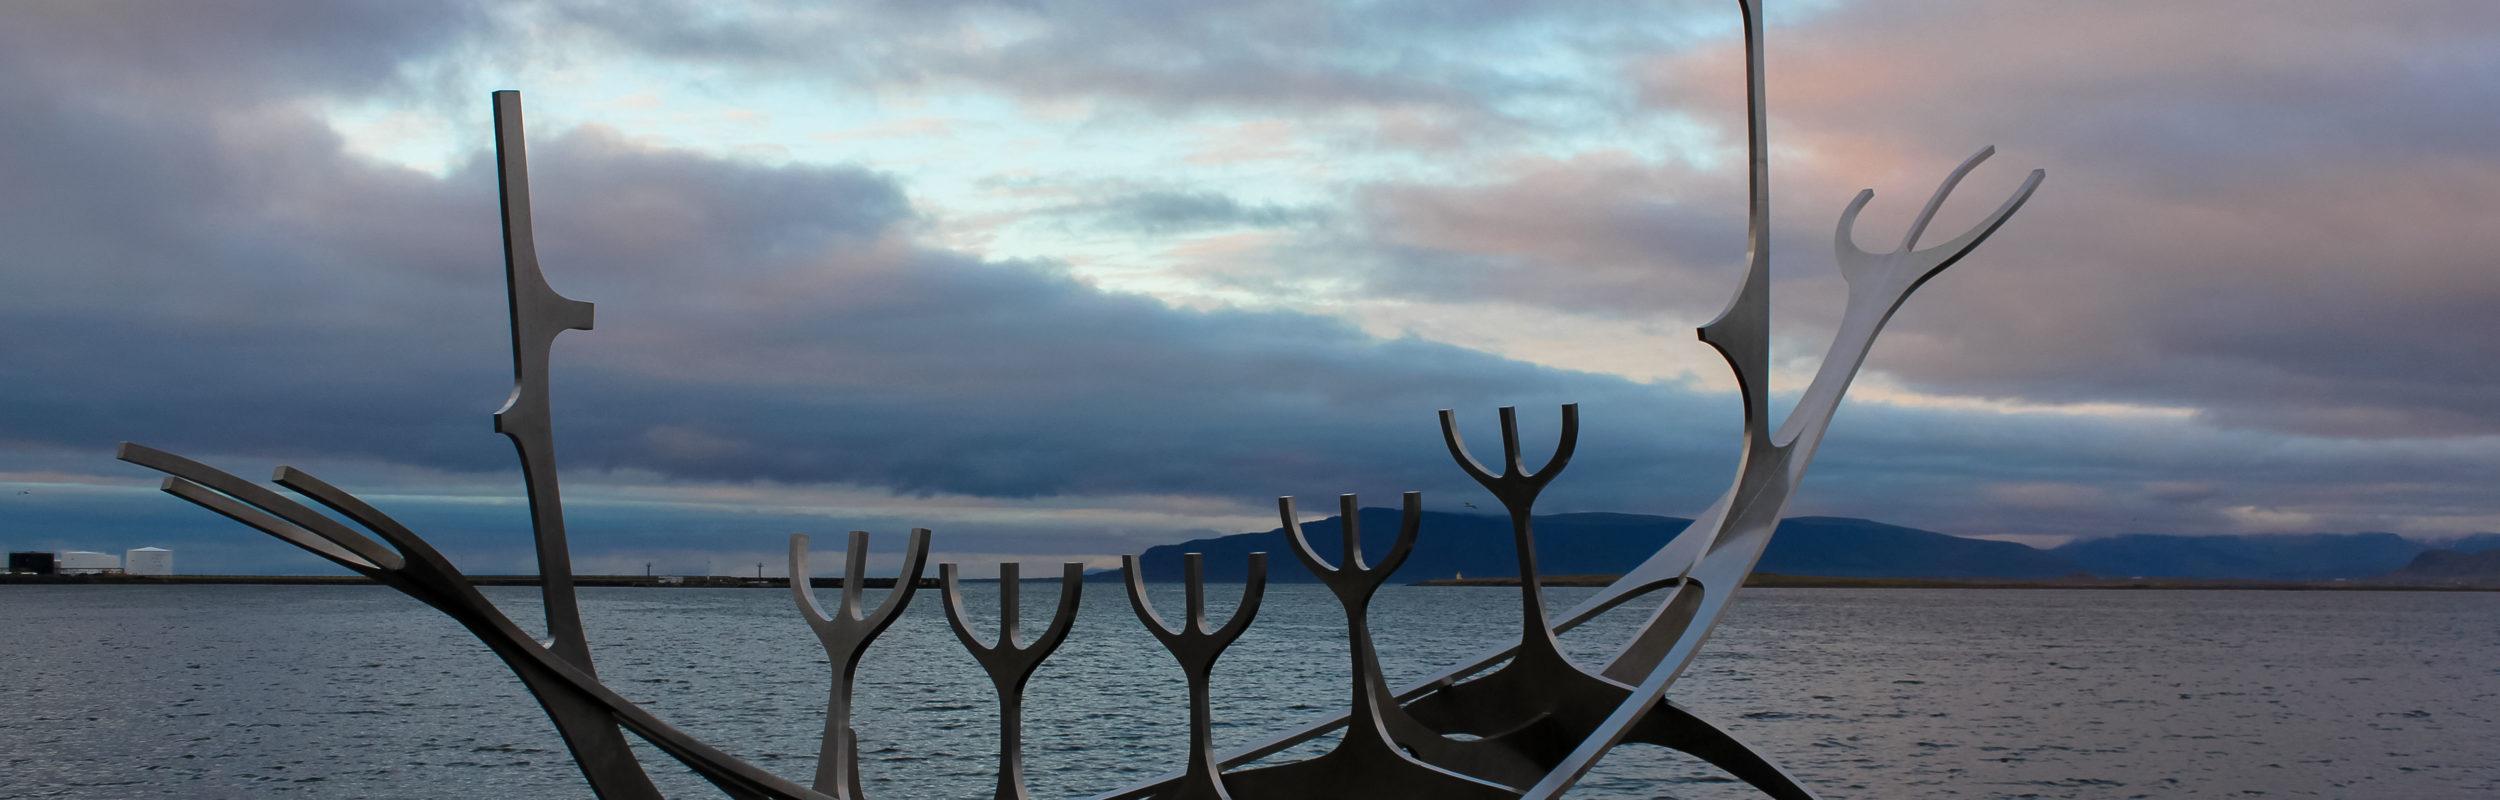 Une semaine en Islande #2 : jolie Reykjavik !